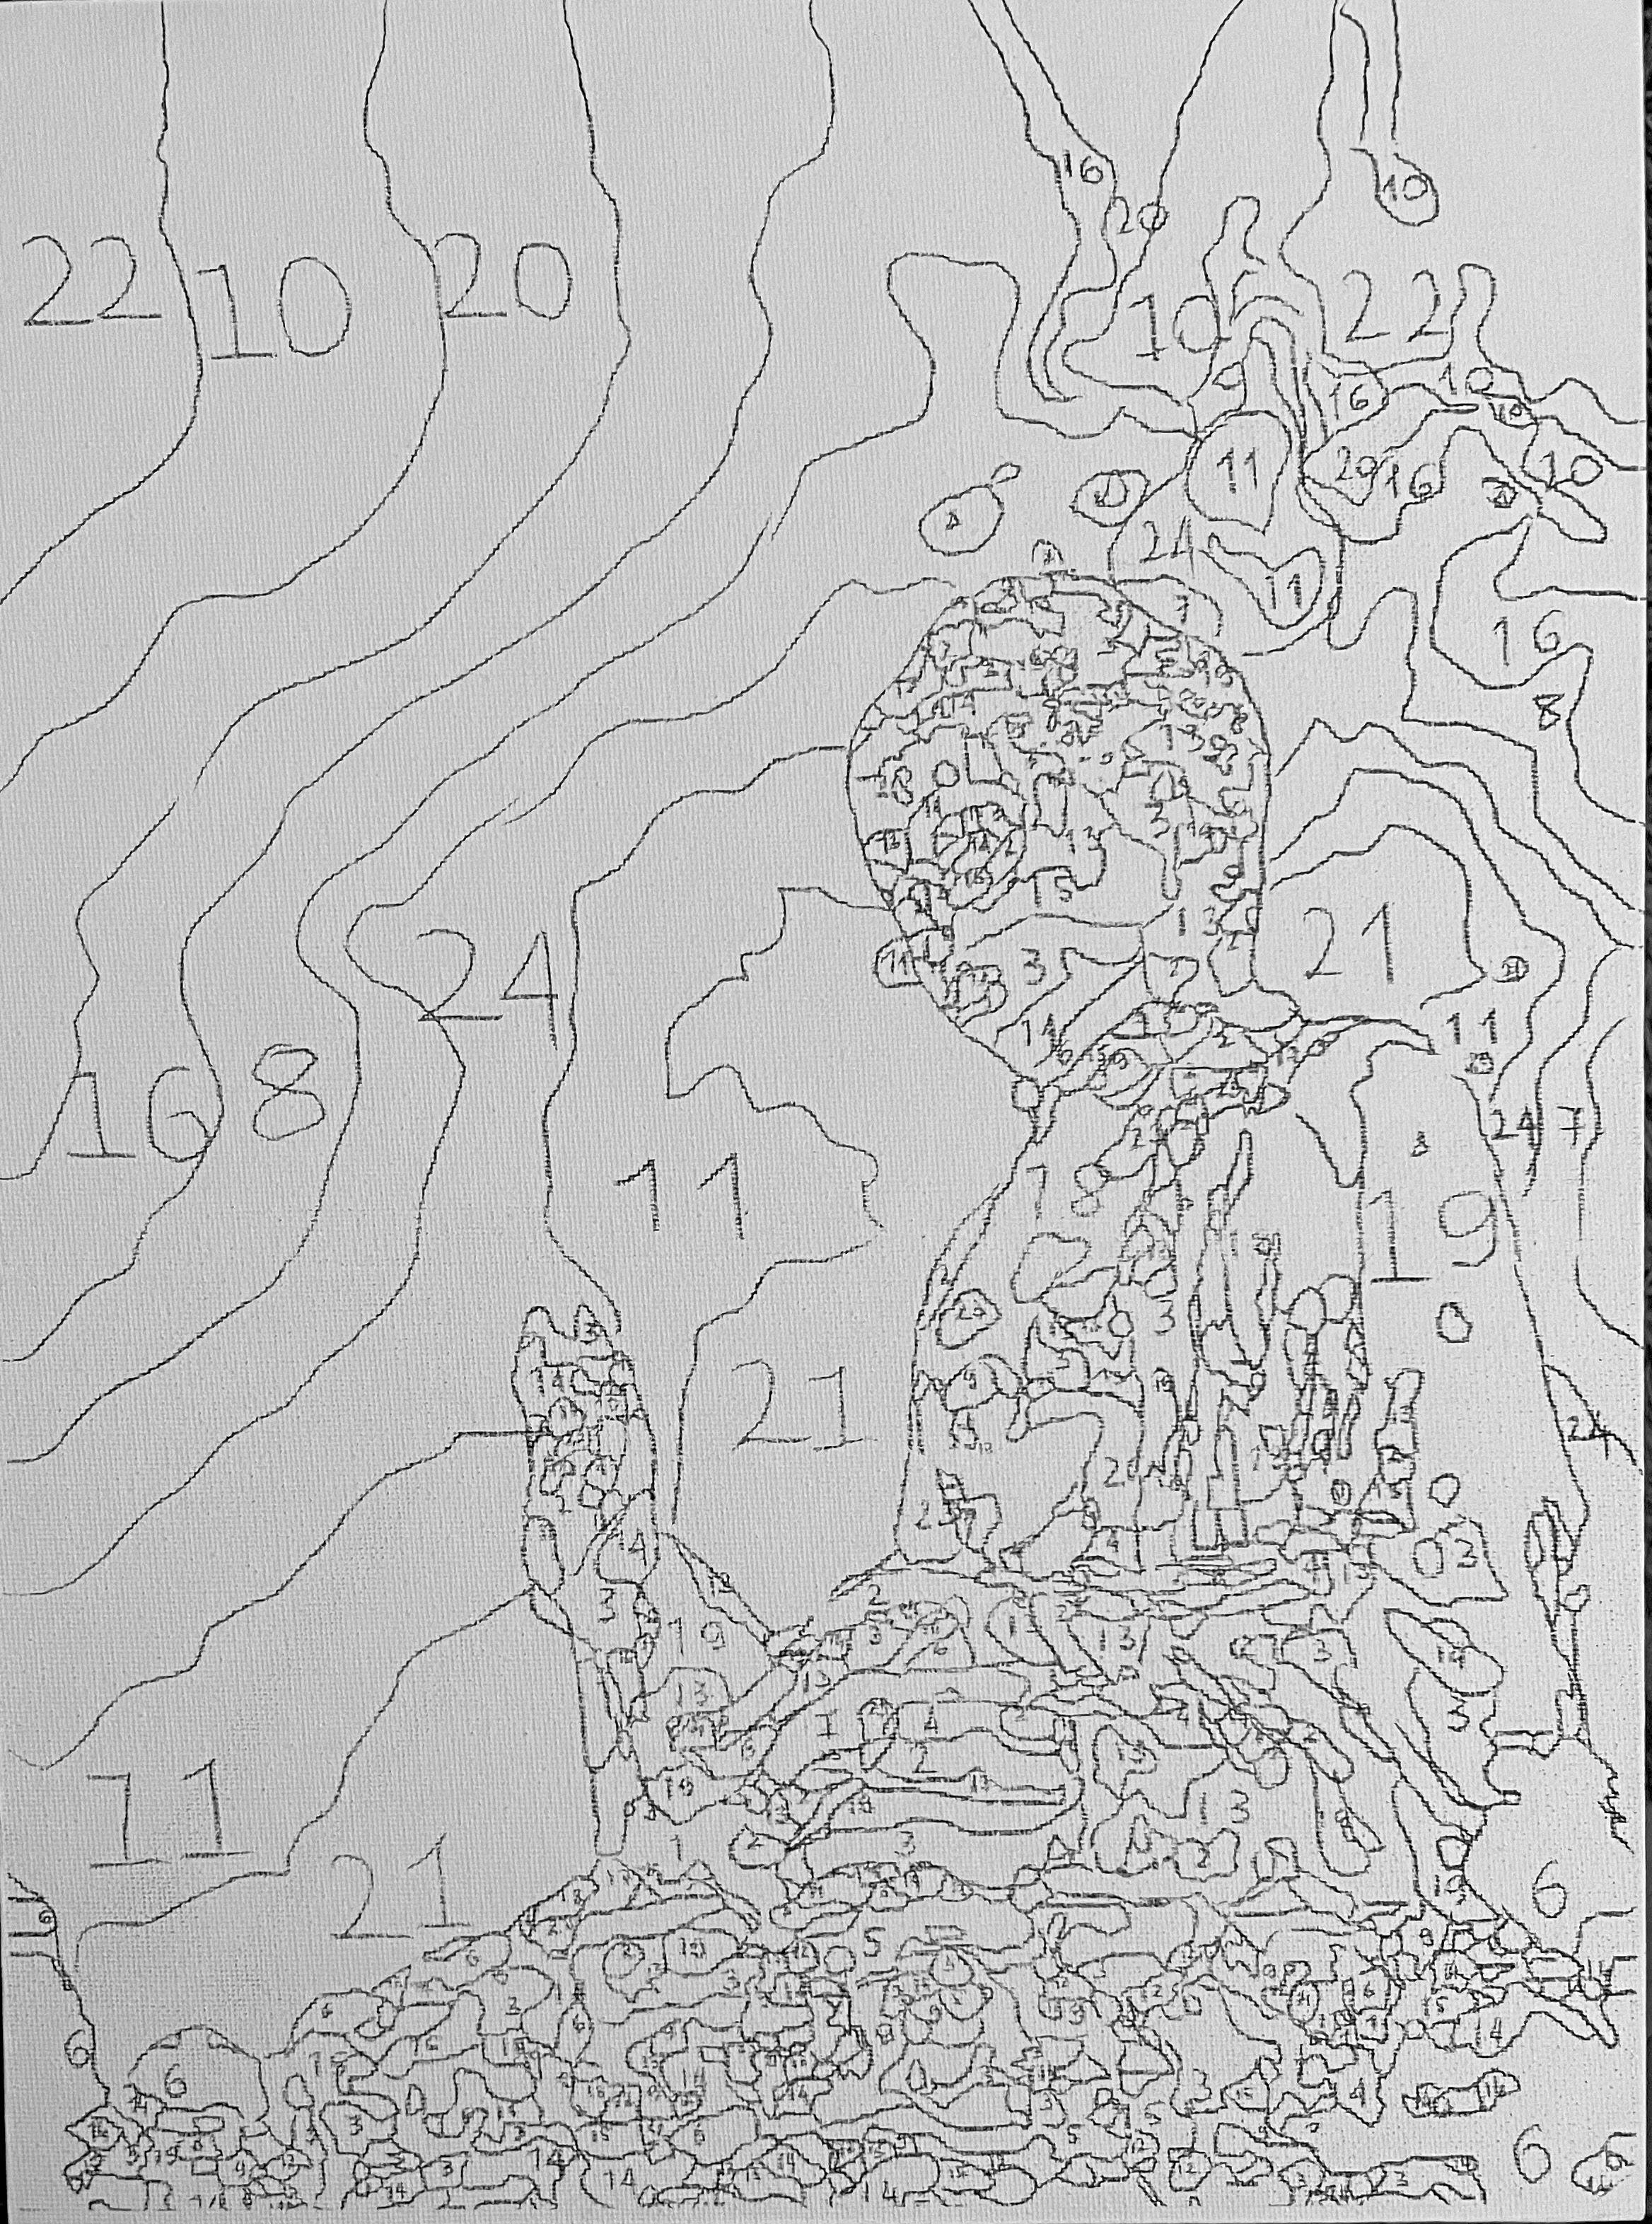 A szám szerinti kifestő felrajzolva a vászonra